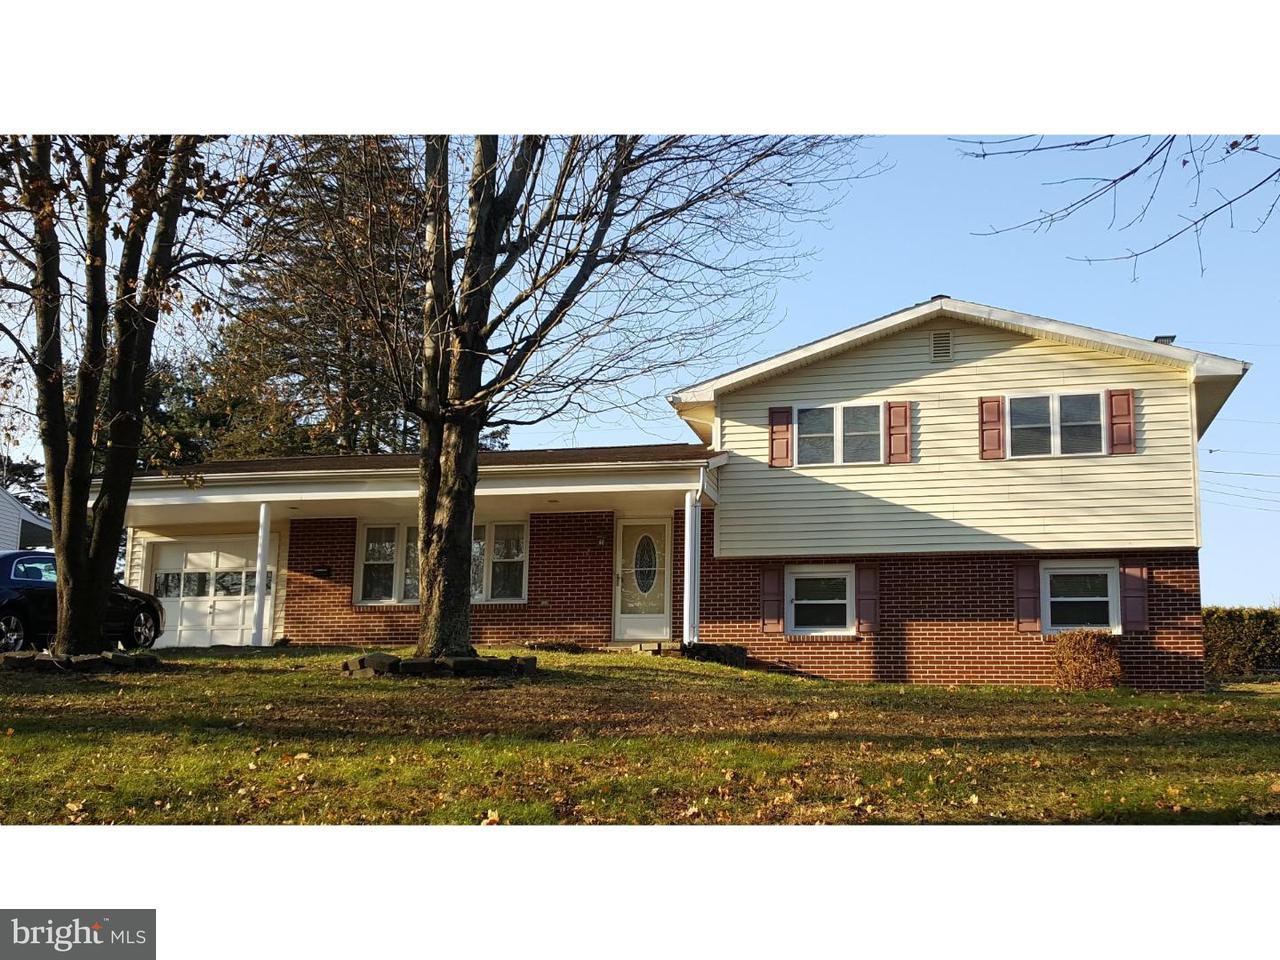 独户住宅 为 销售 在 25 CLARRYAN Street Tamaqua, 宾夕法尼亚州 18252 美国